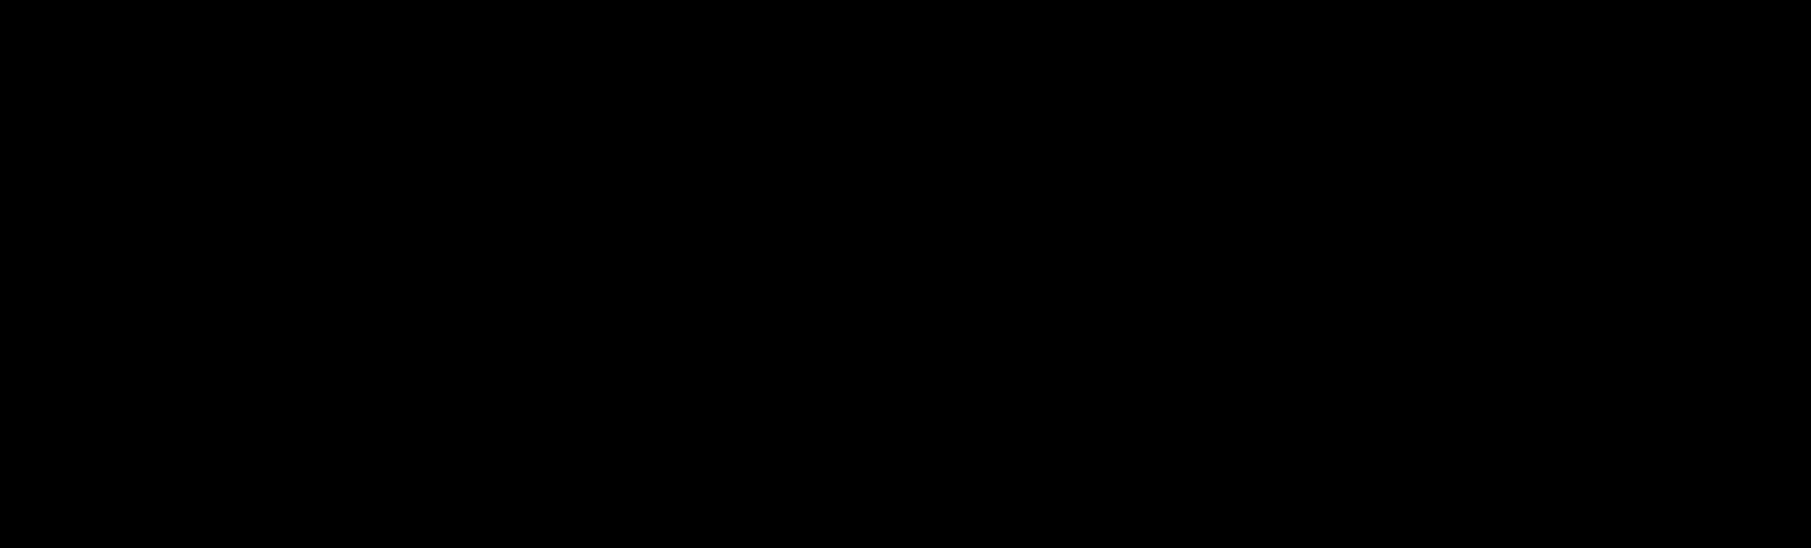 Wonte-logo